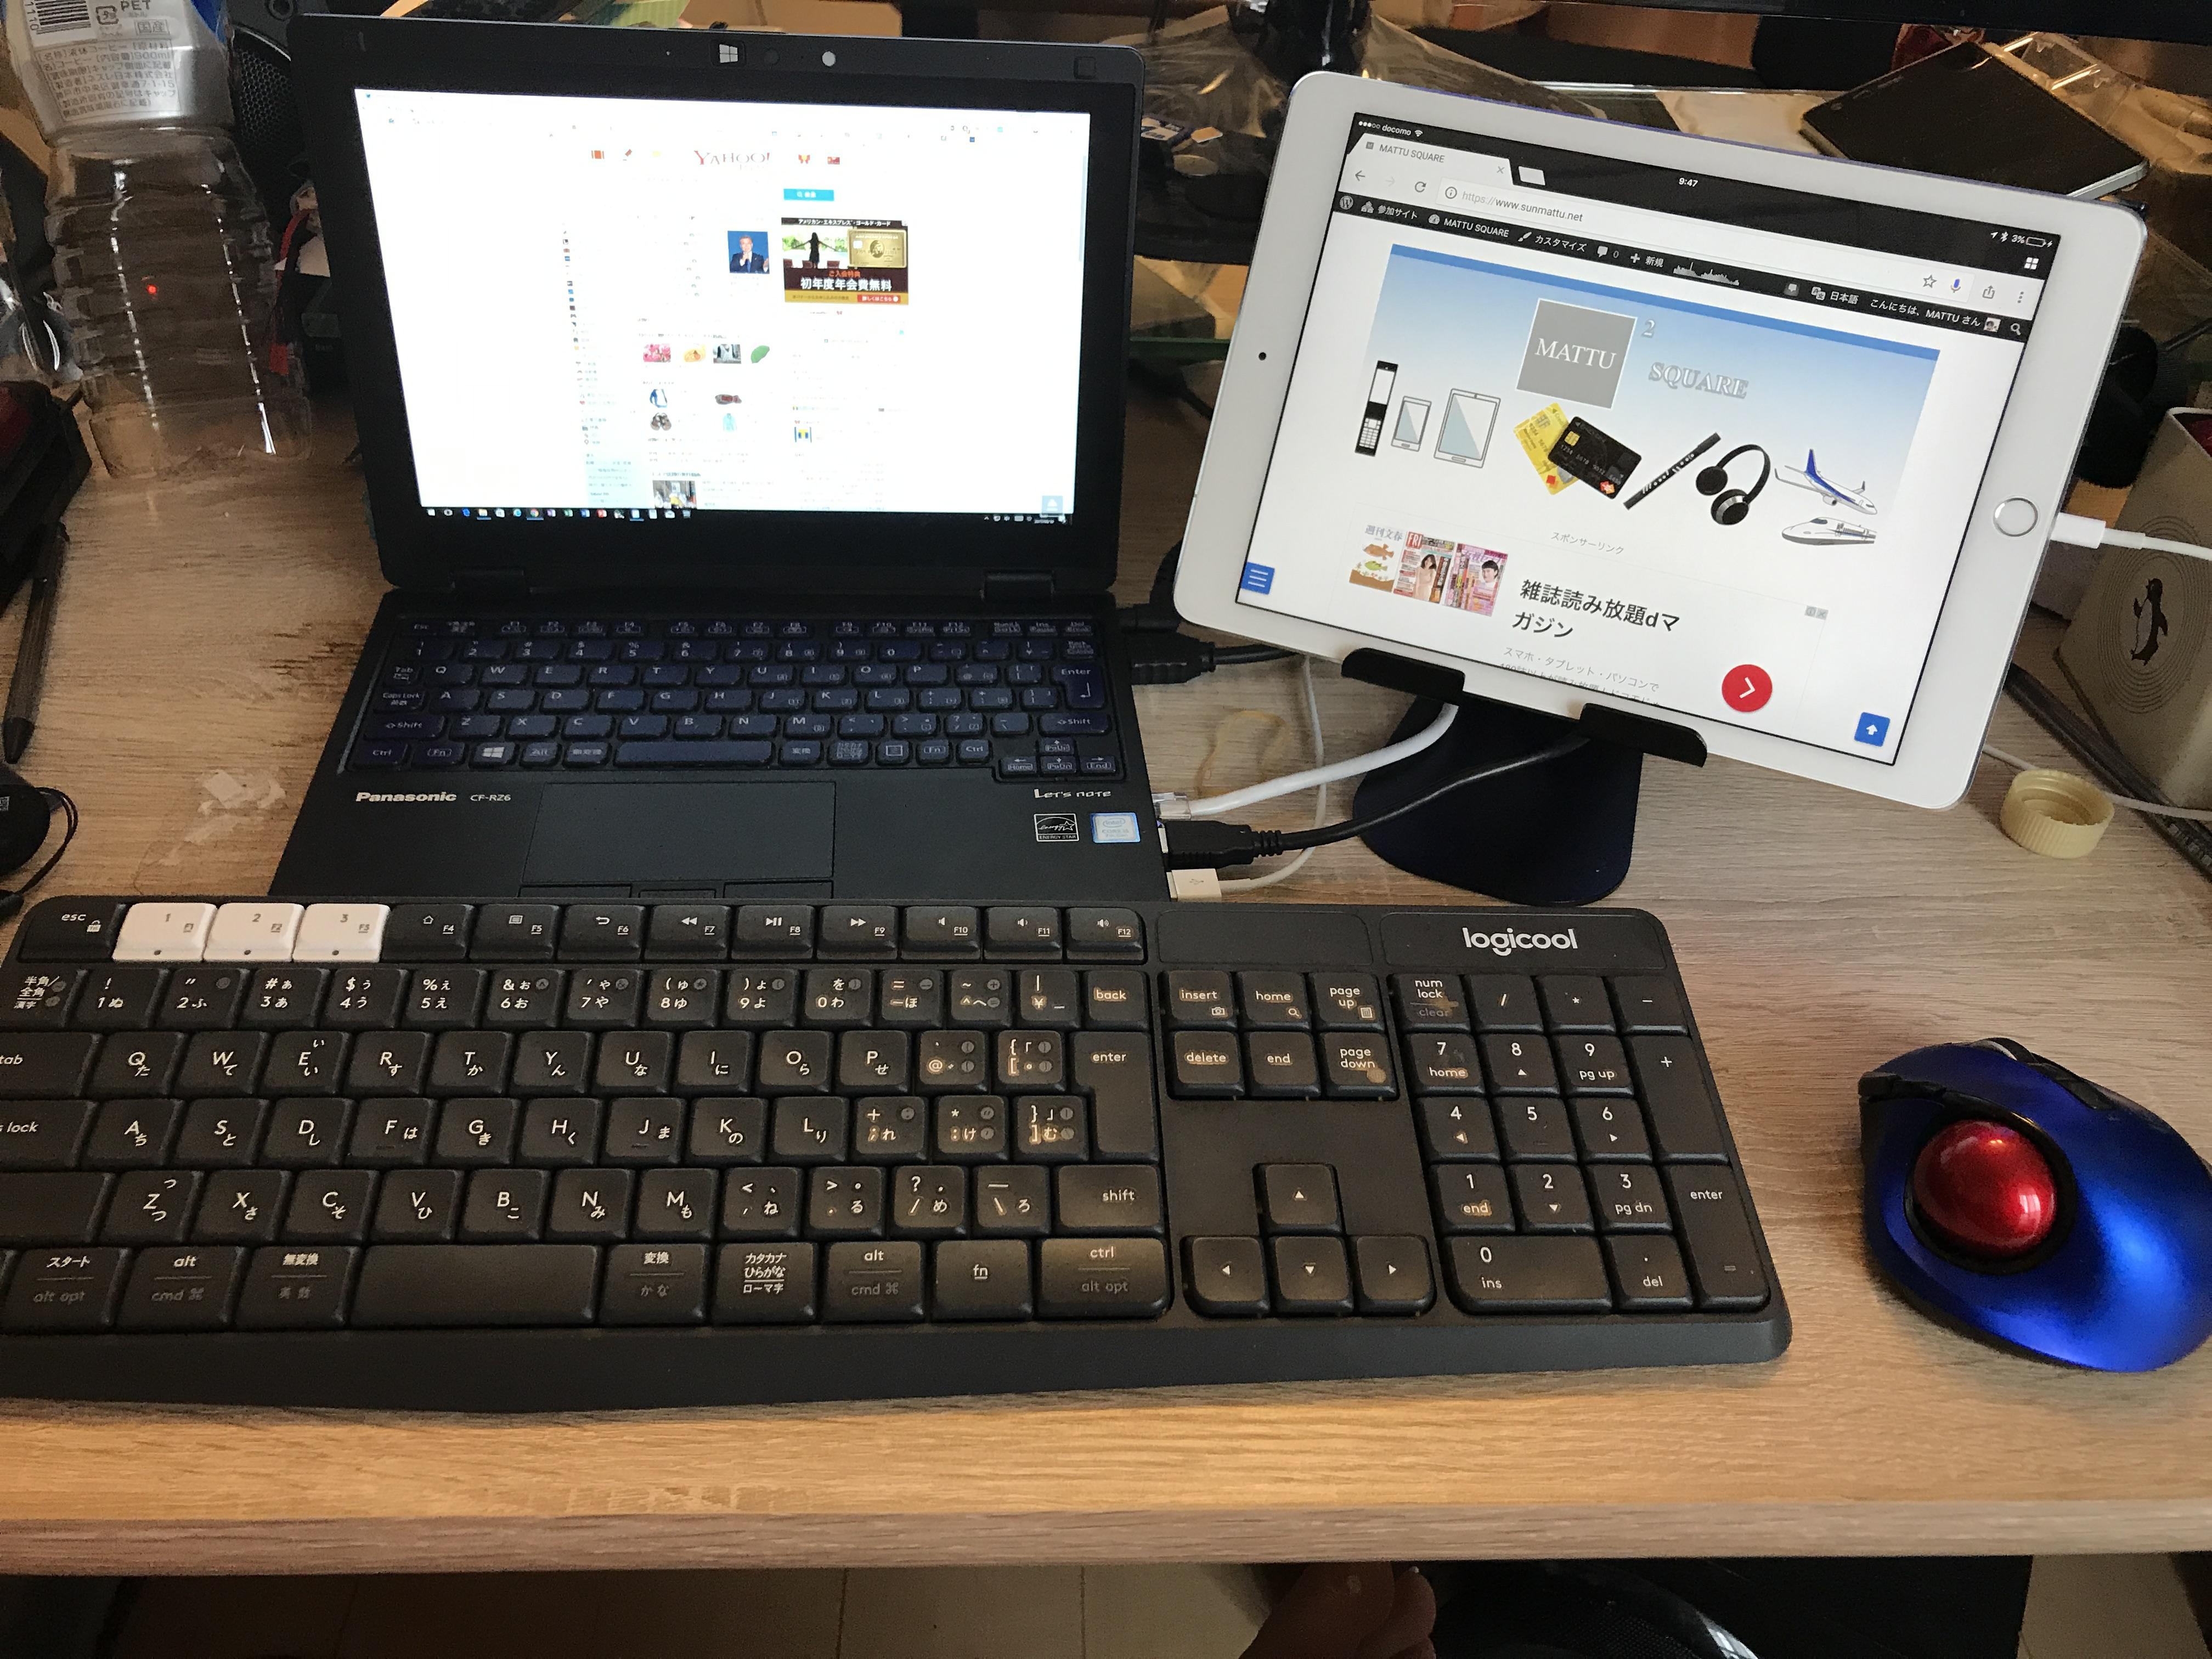 iPadをもっと便利にさせる、スタンド( Lomicall )とキーボード(Logicool K375s / K370s)!